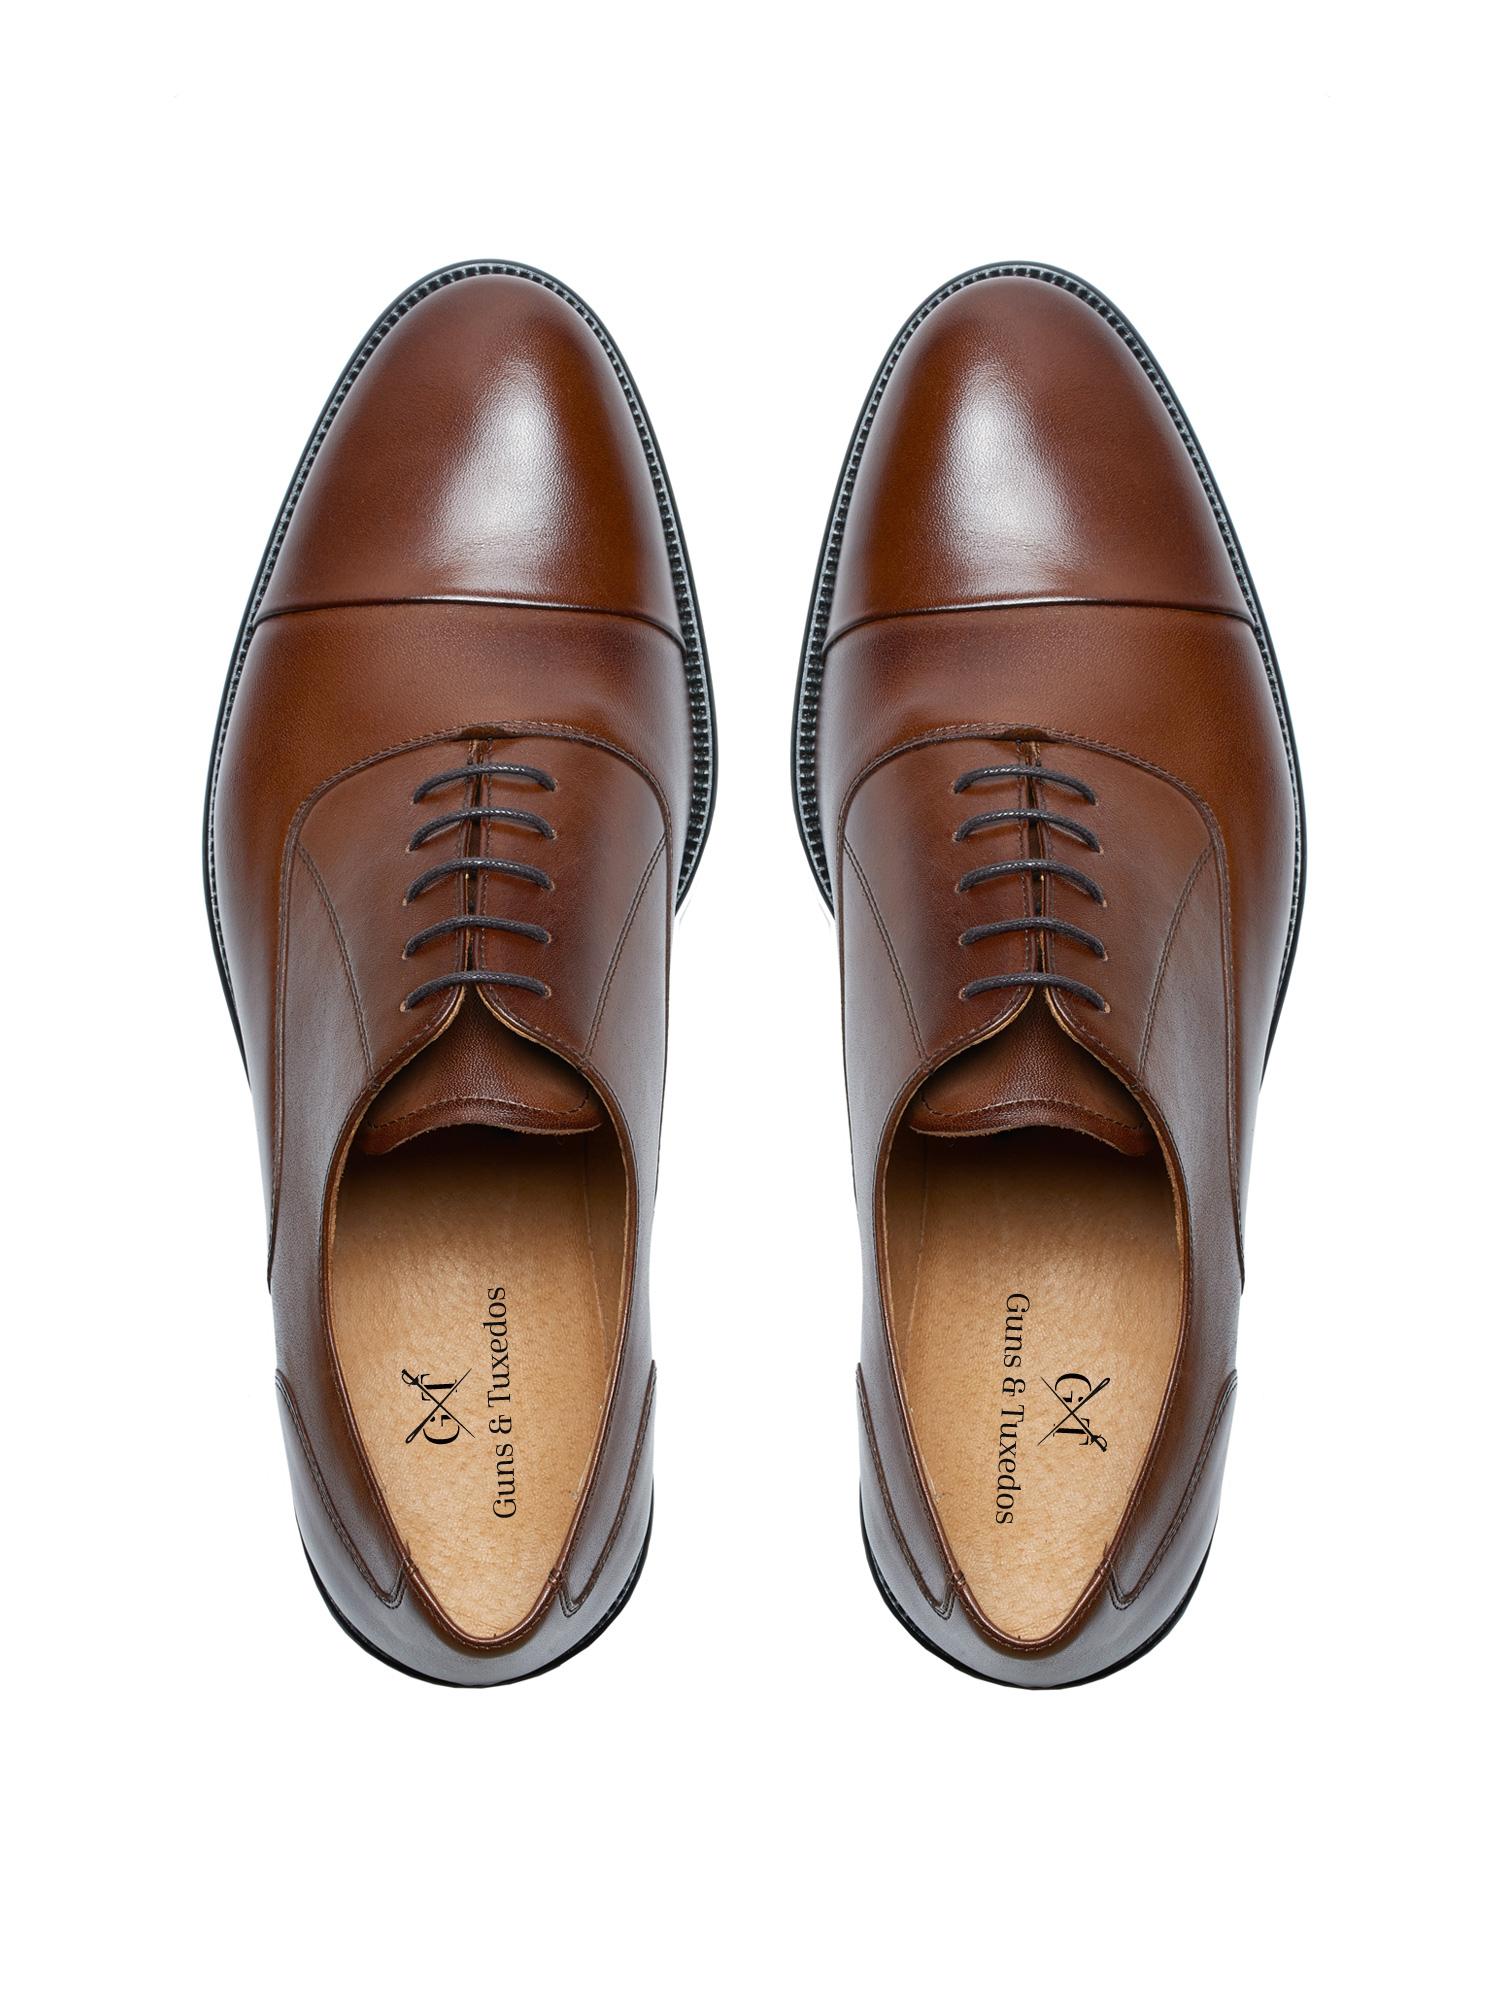 c3ffe03128adf6 4 pomysły jak dobrać buty do garnituru ślubnego - Wedding.pl radzi